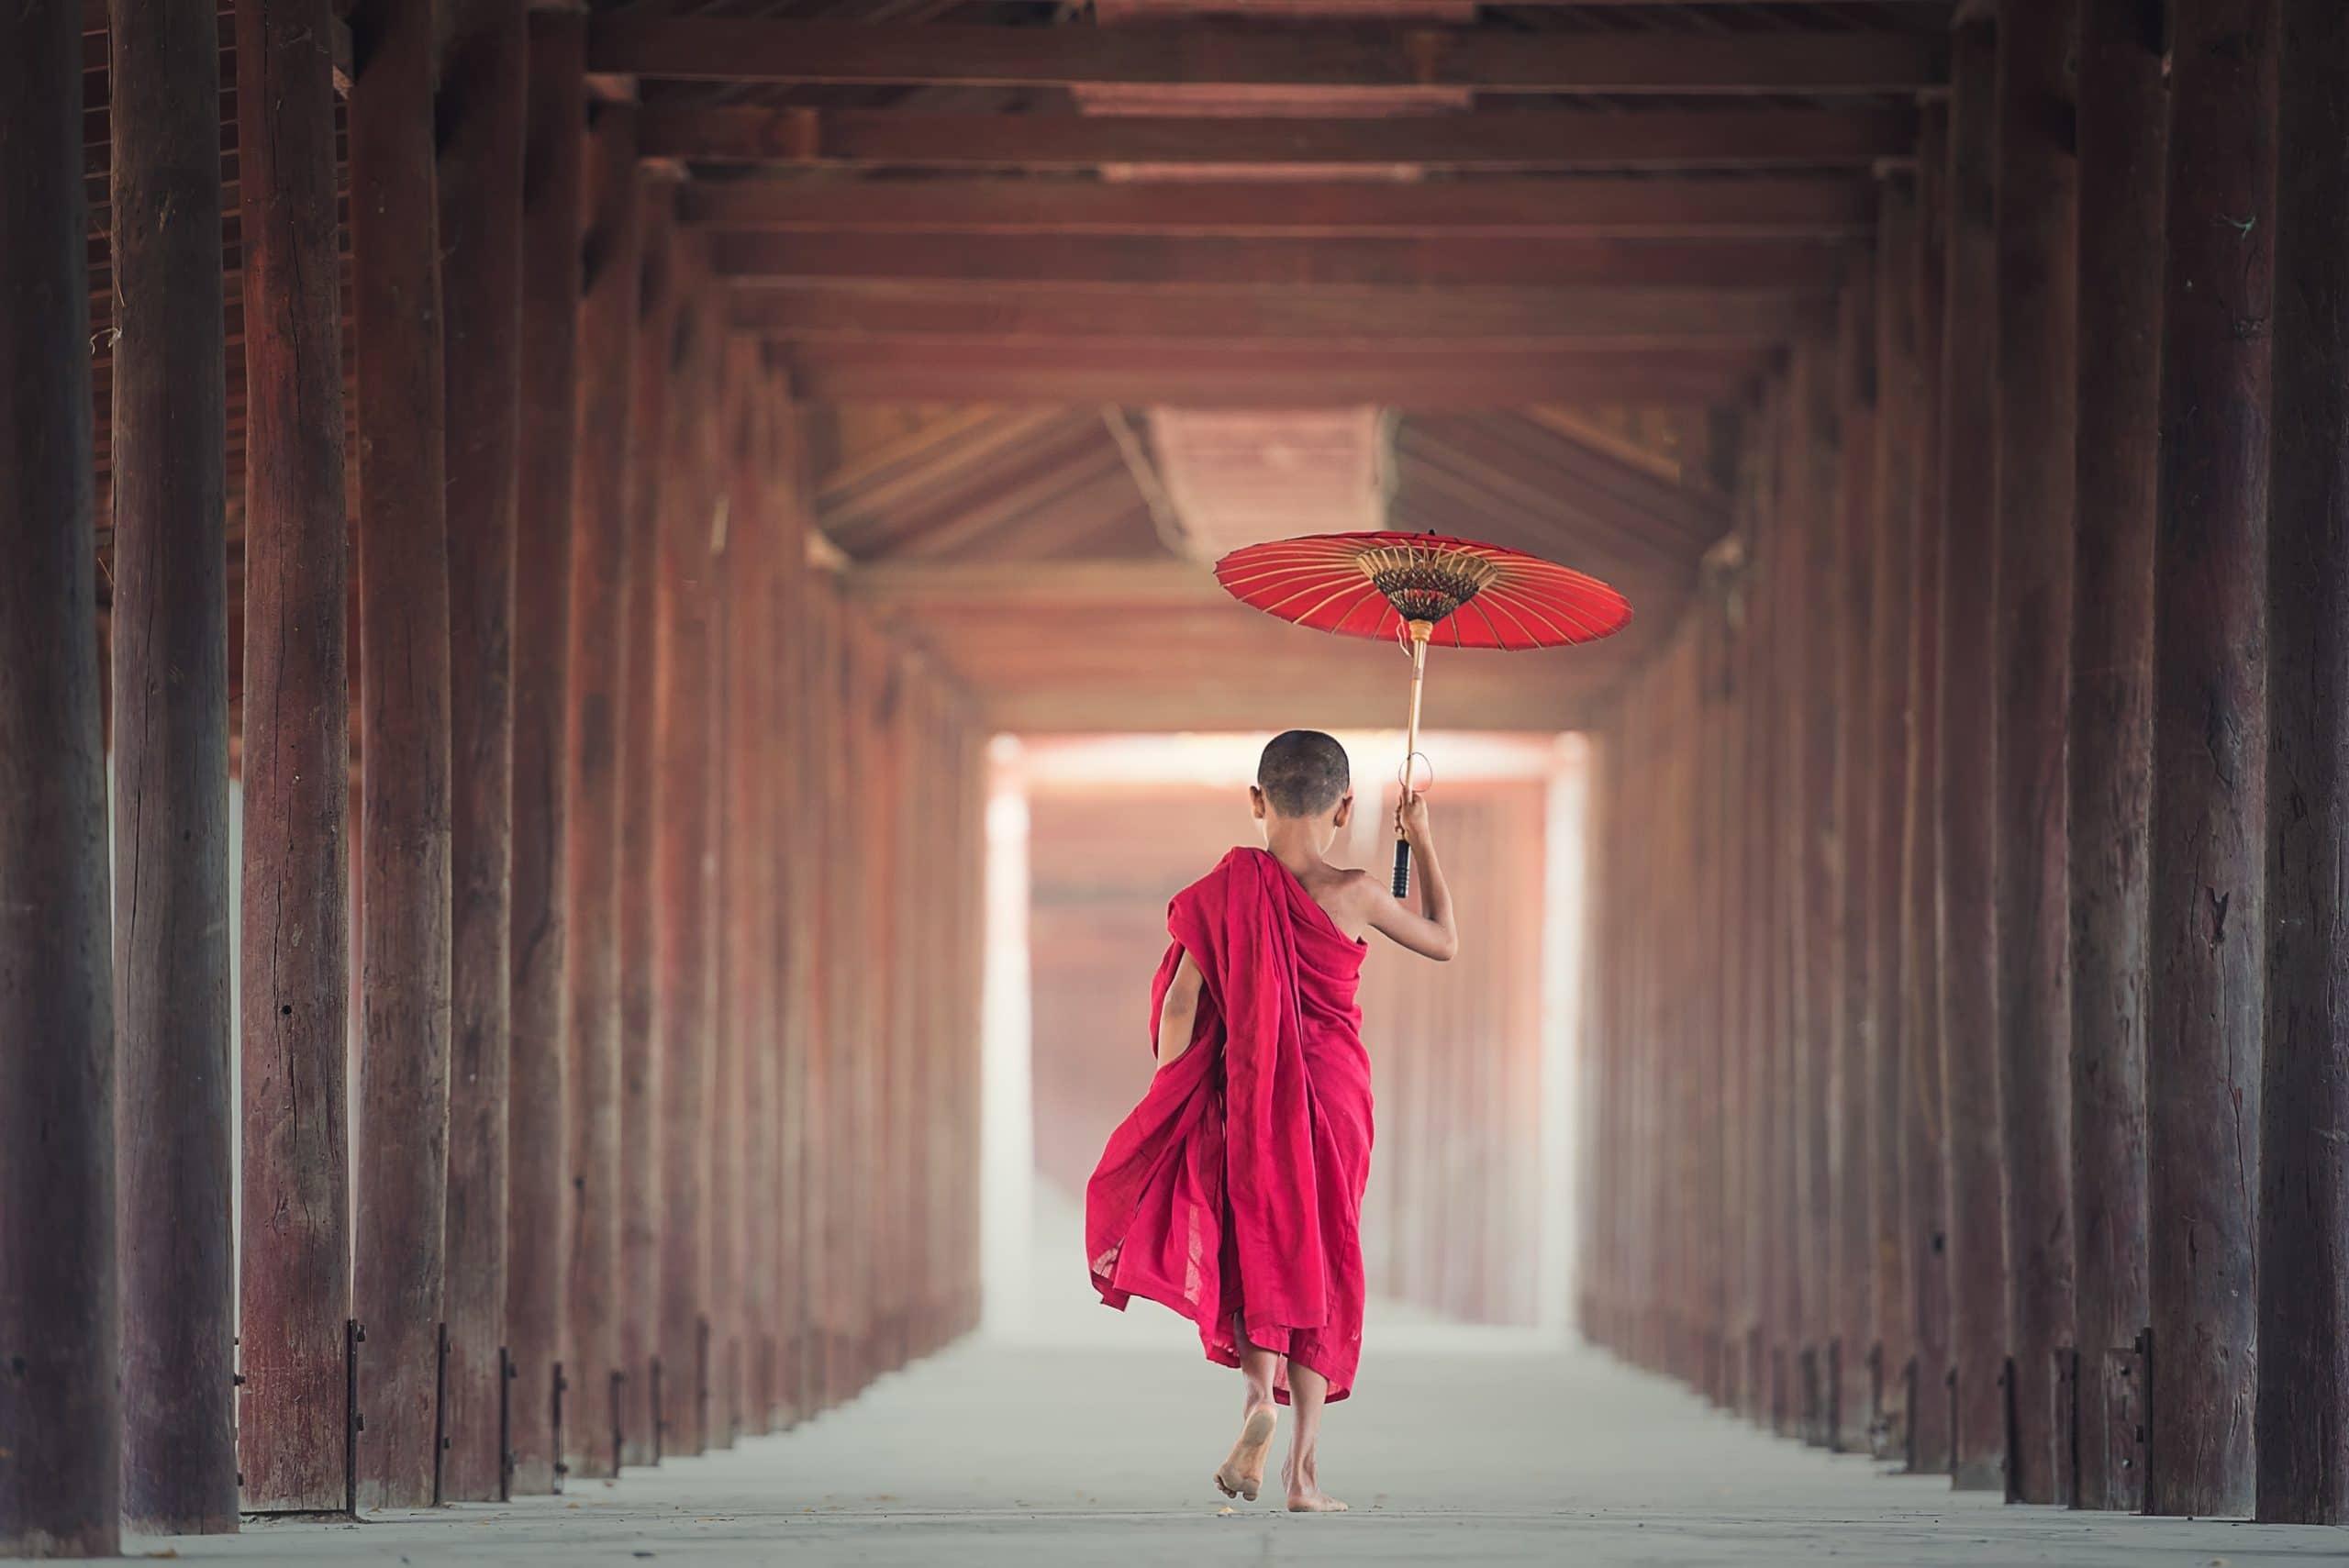 Pequeno monge budista andando com um guarda-chuva andando em um templo.